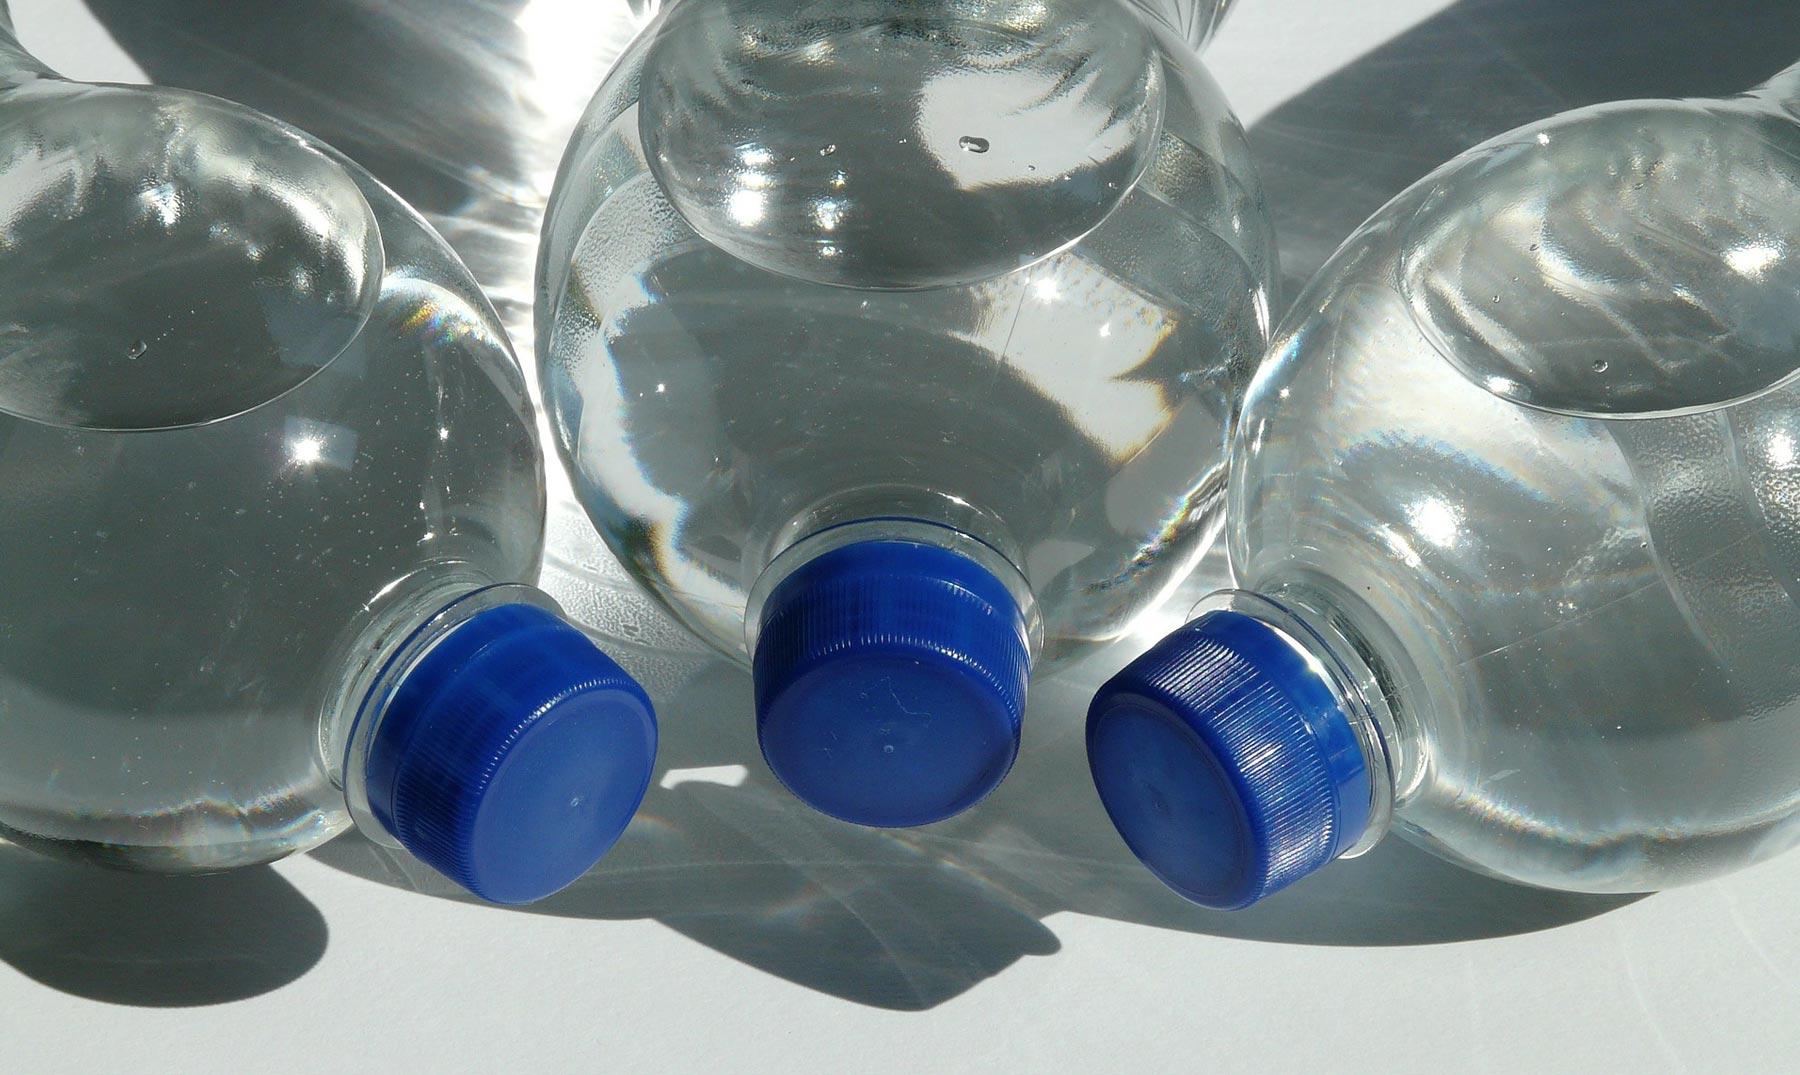 Agua embotellada: ¿es seguro consumirla?